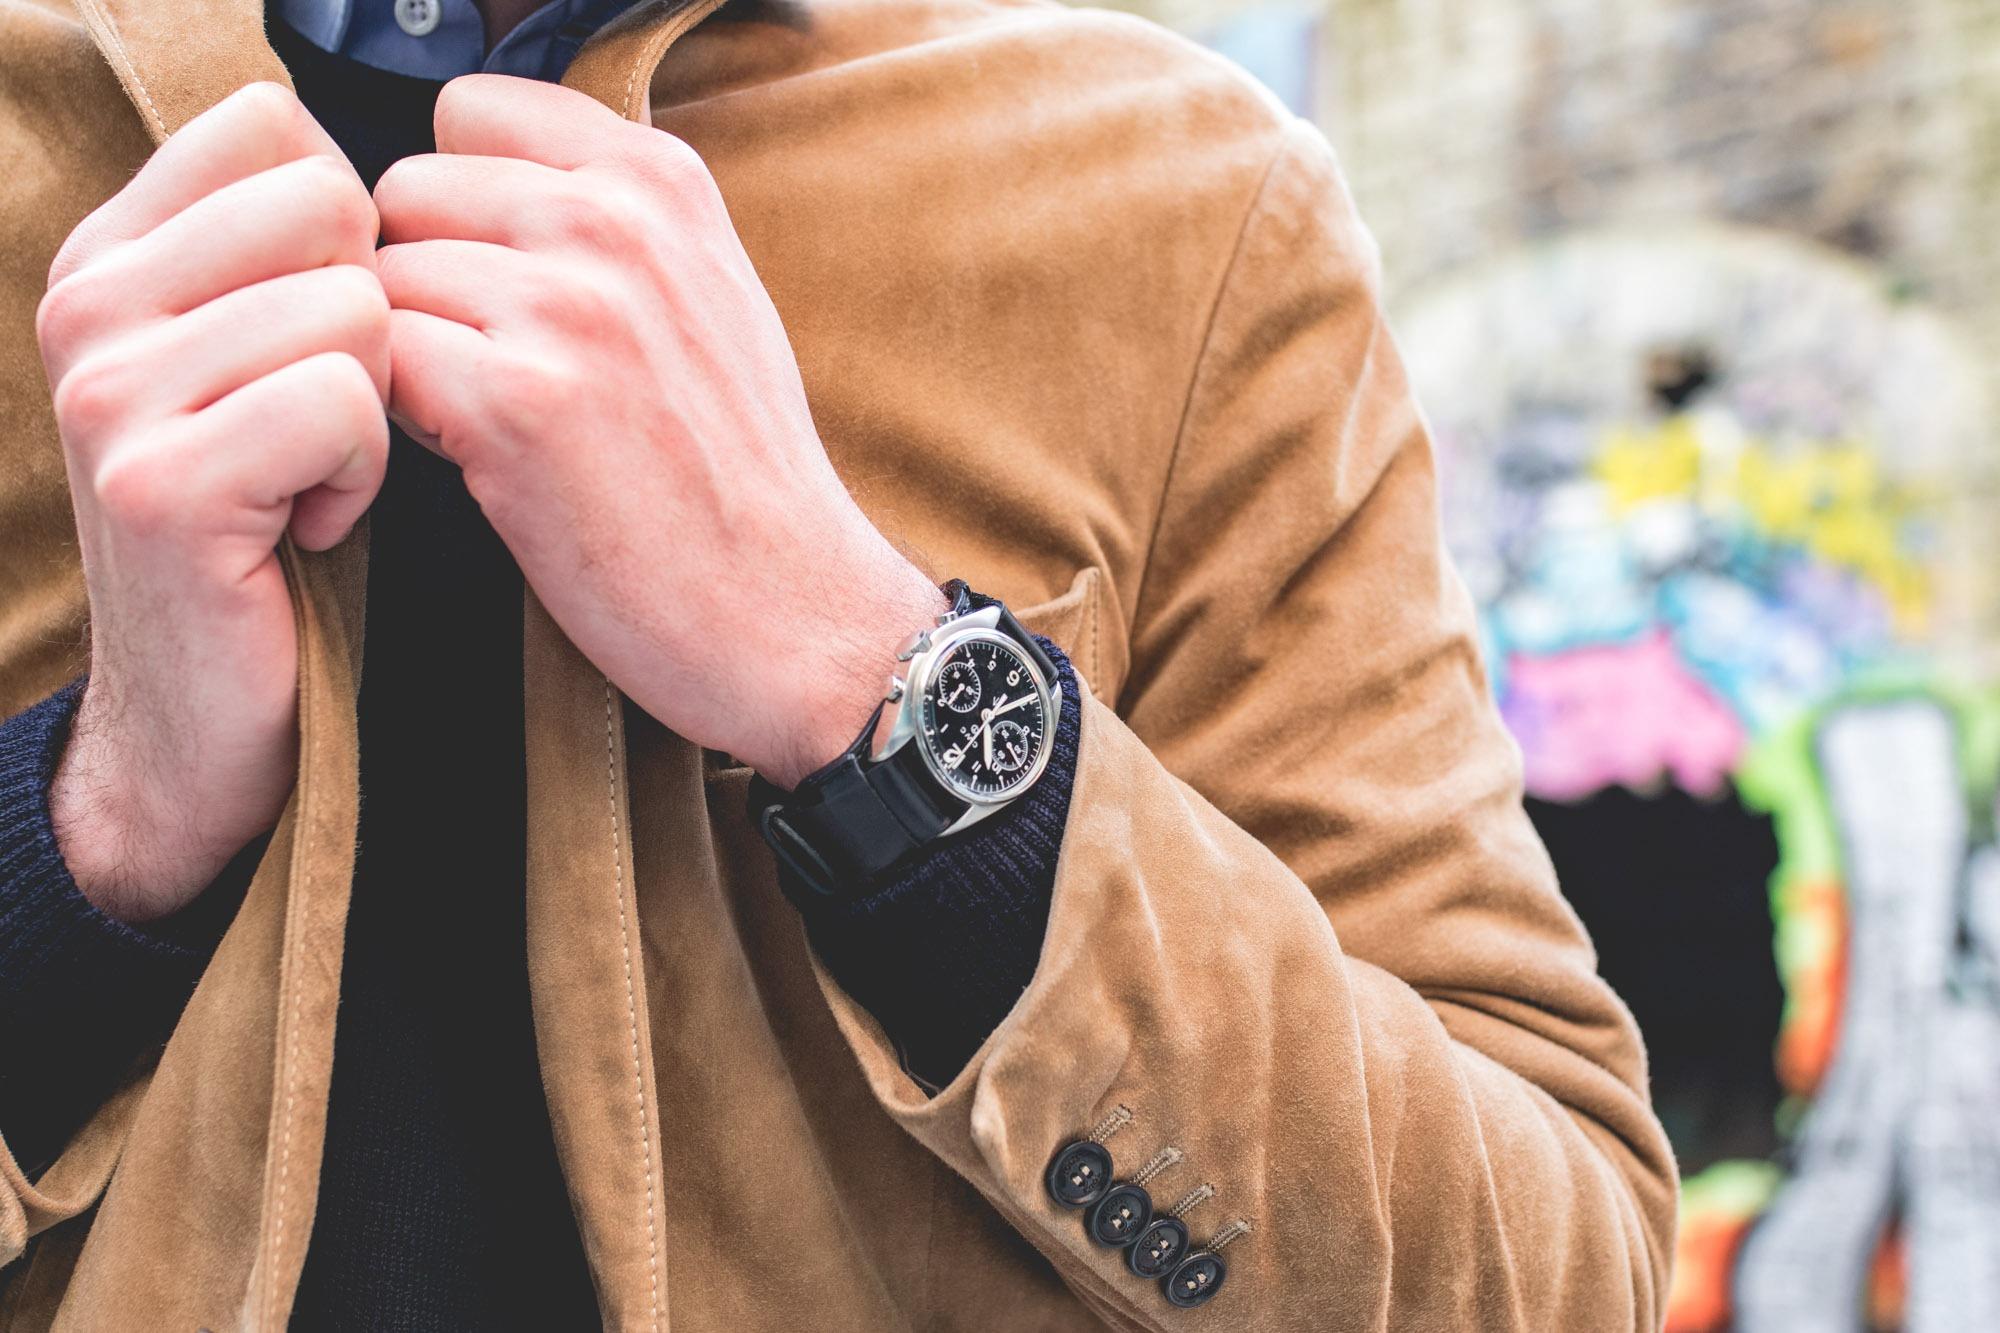 Joseph Bonnie - Bracelet de montre type Bund - CWC 1970 Chronograph